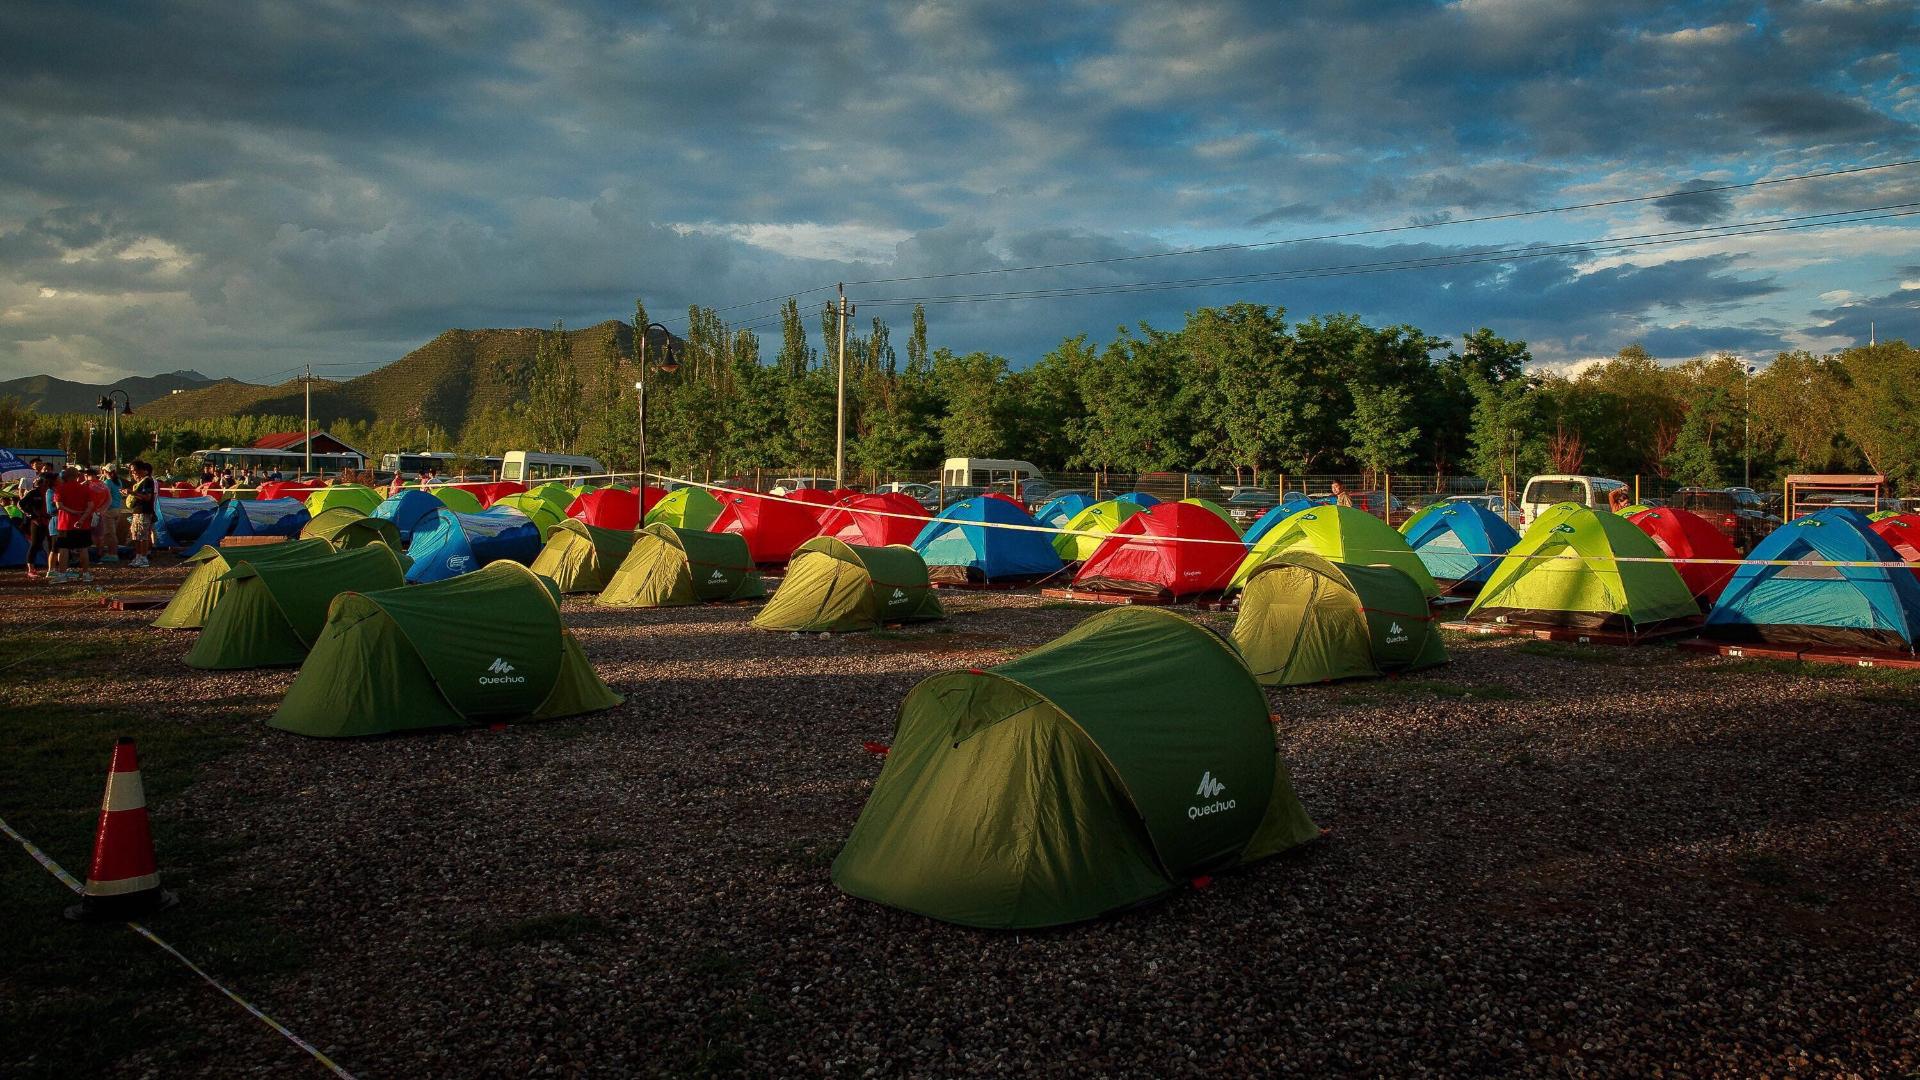 tent camping photos